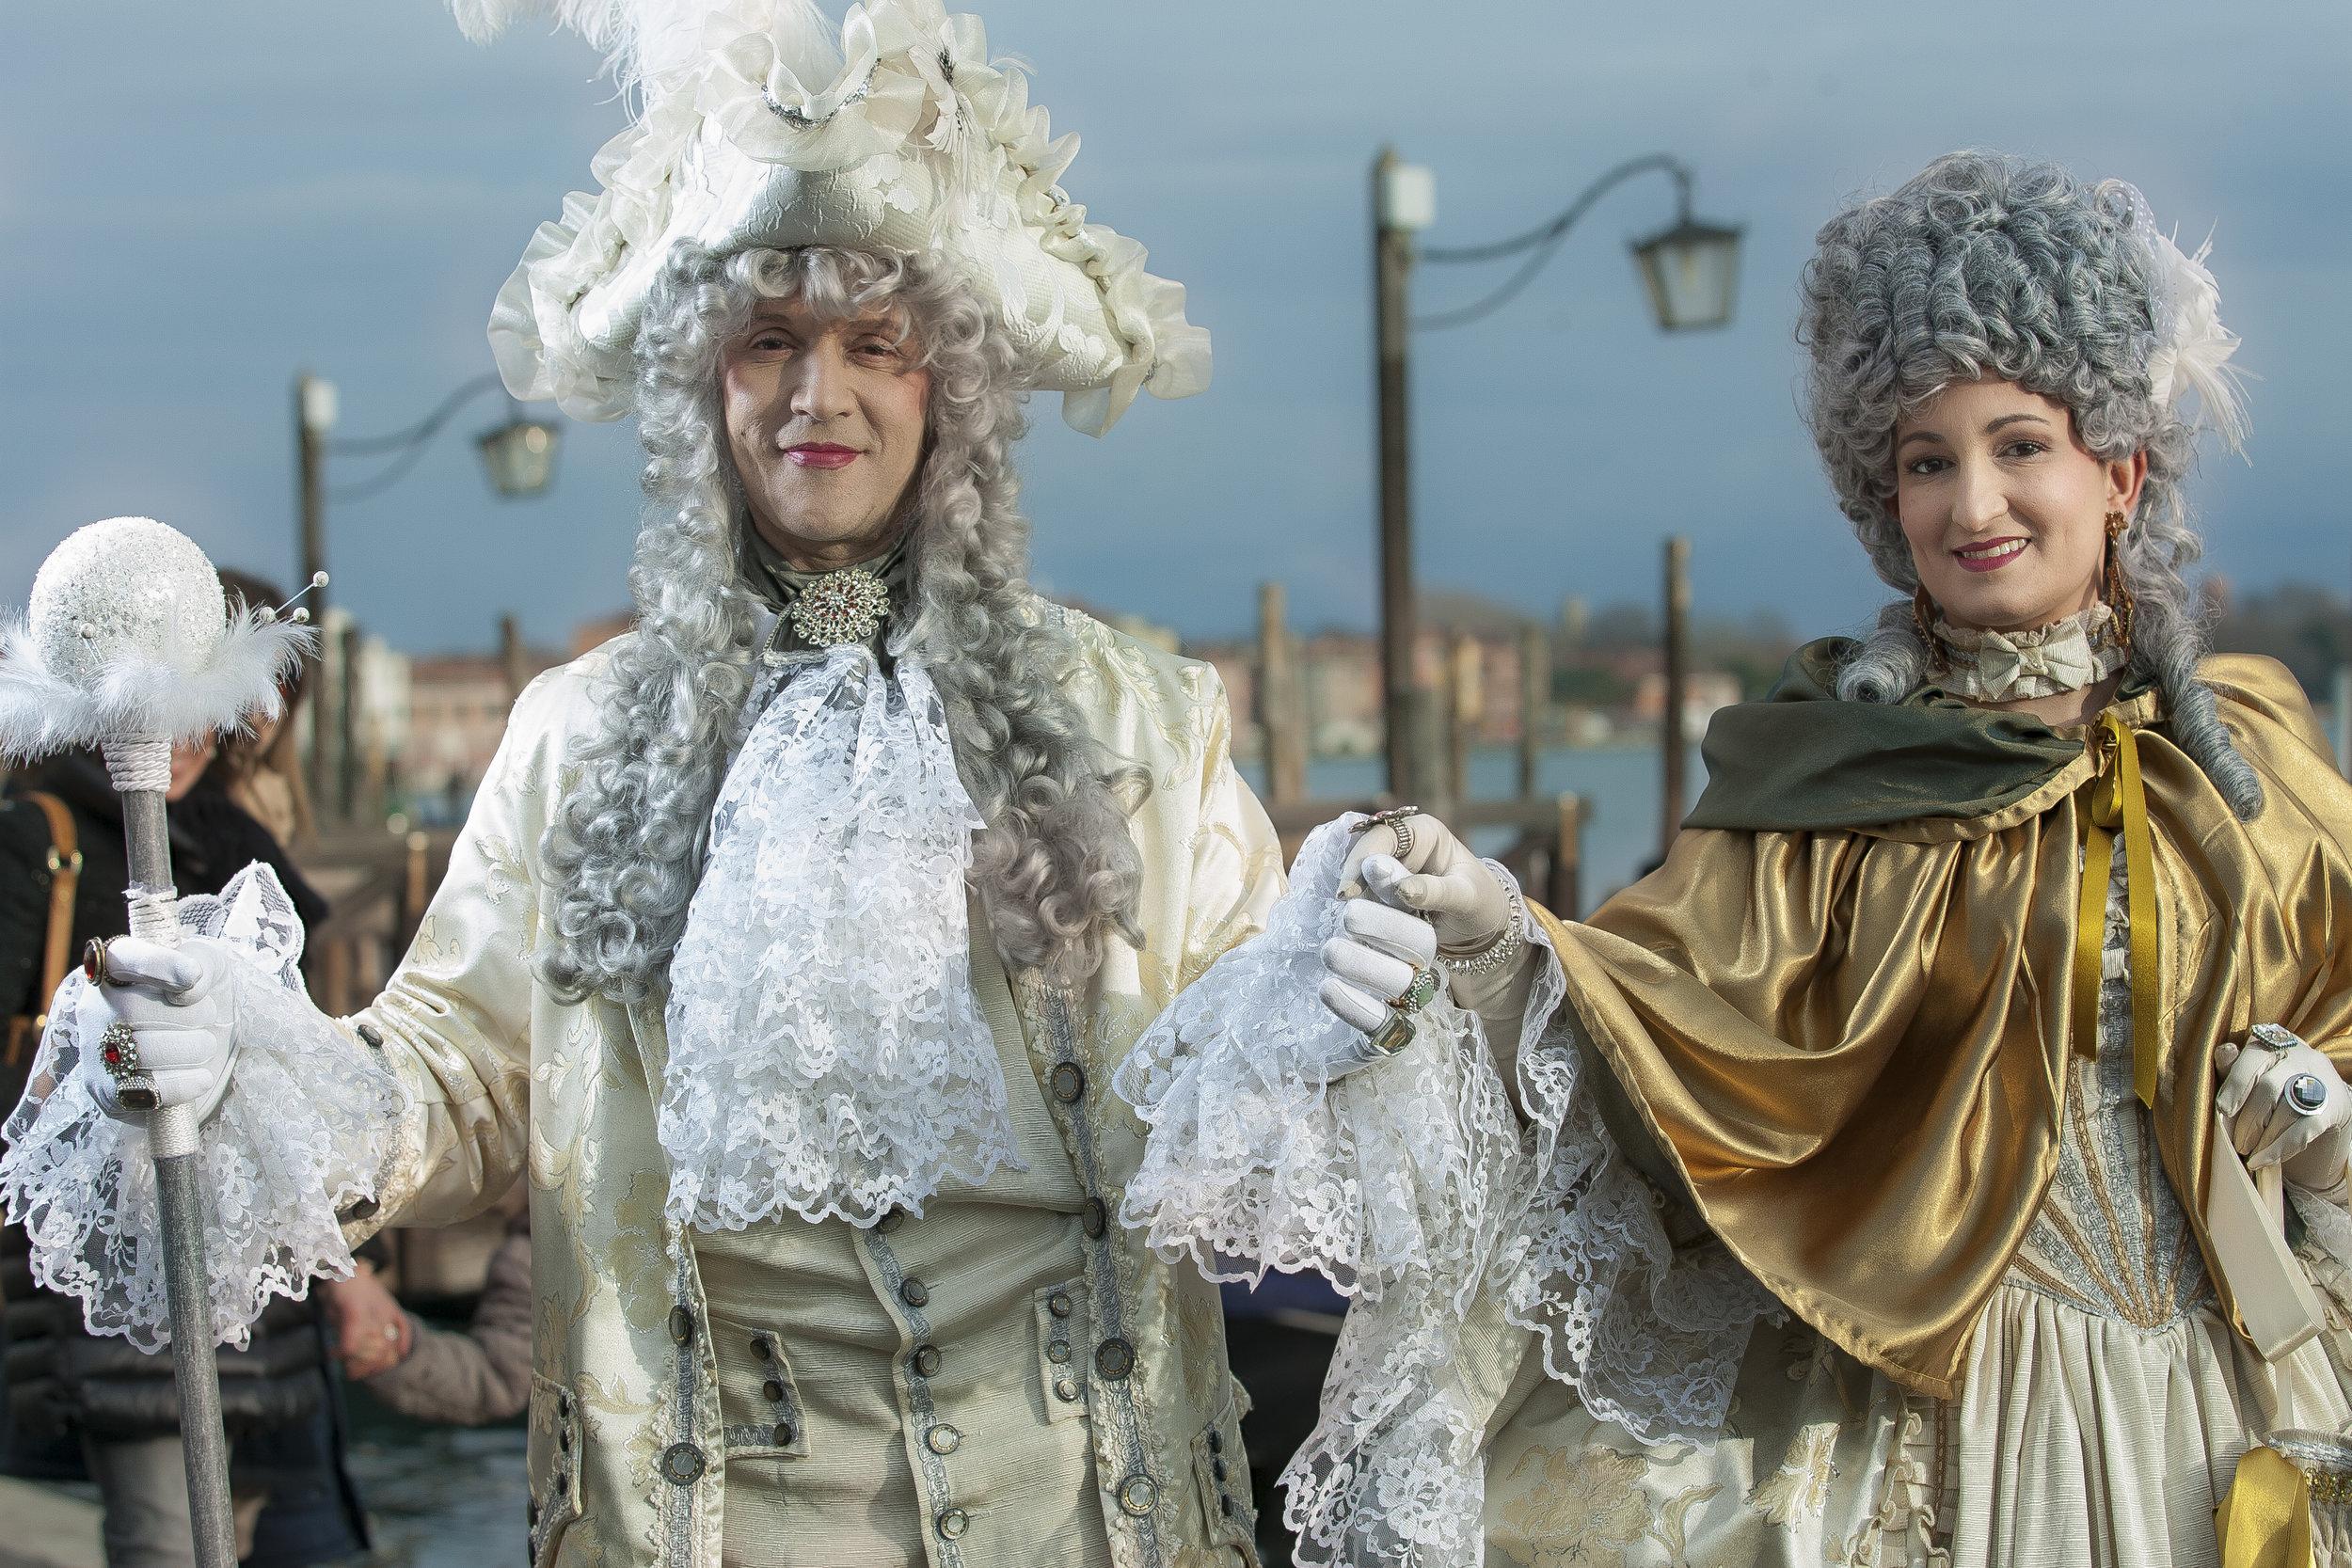 Carnavale di Venezia 1.jpg